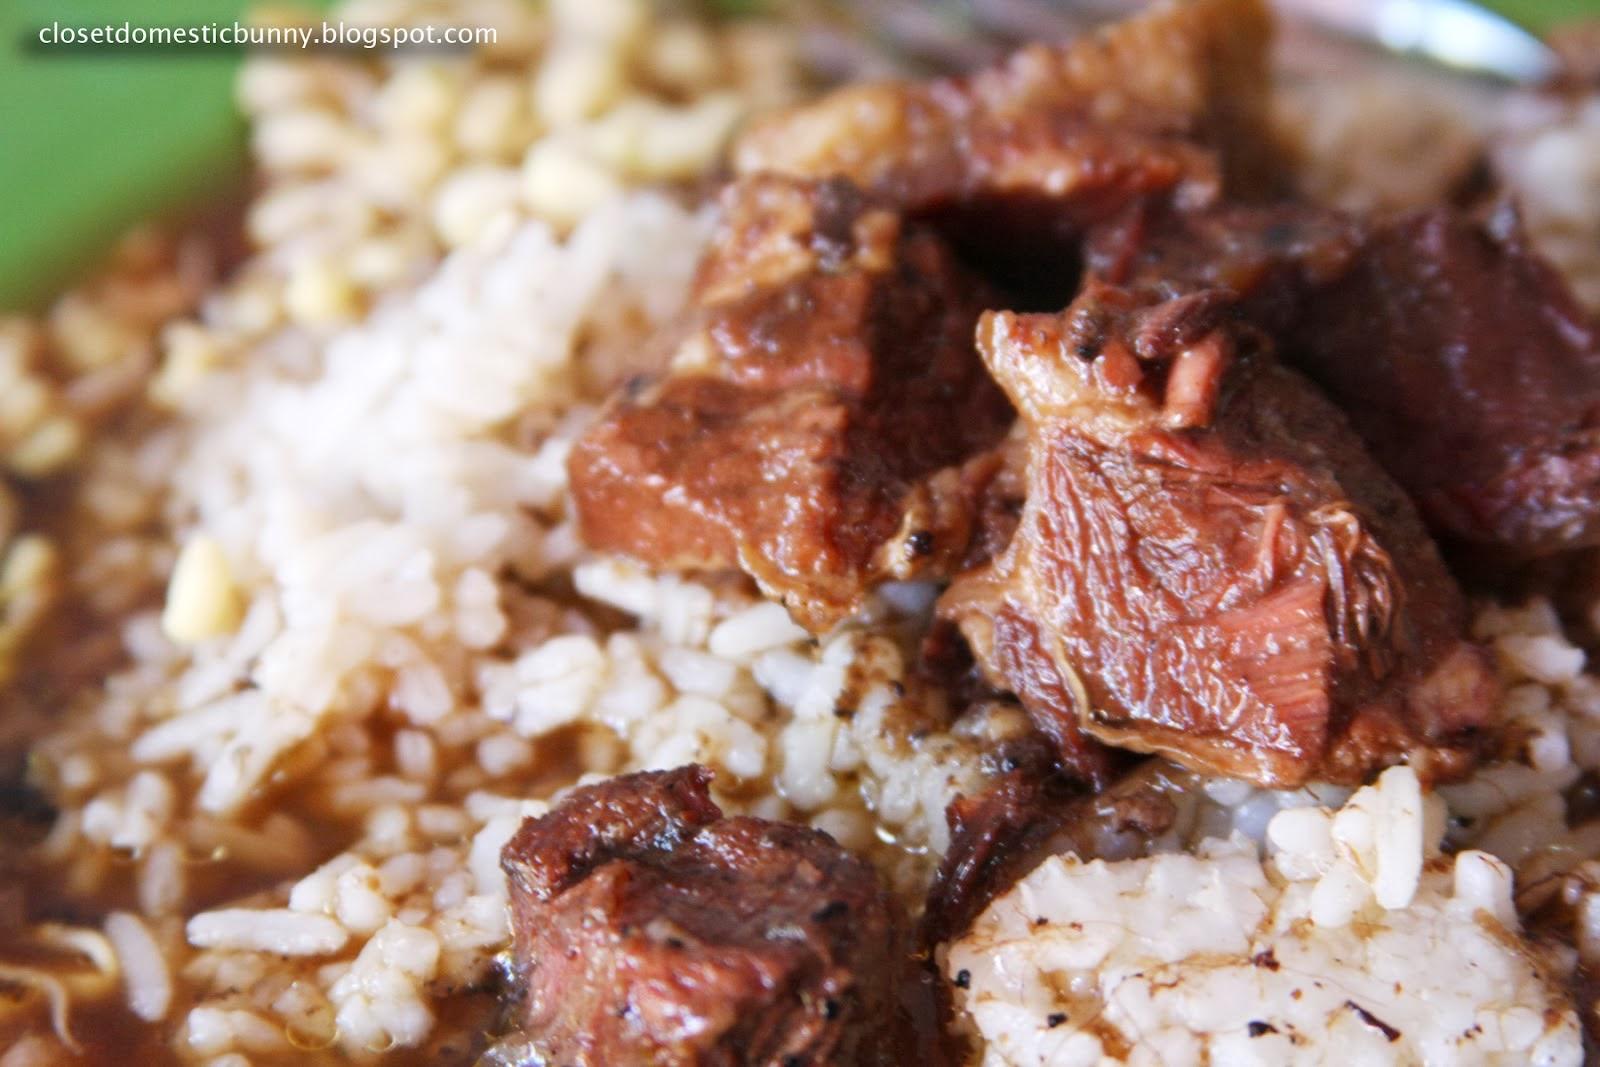 Wisata Kuliner Malang - Rawon Brintik